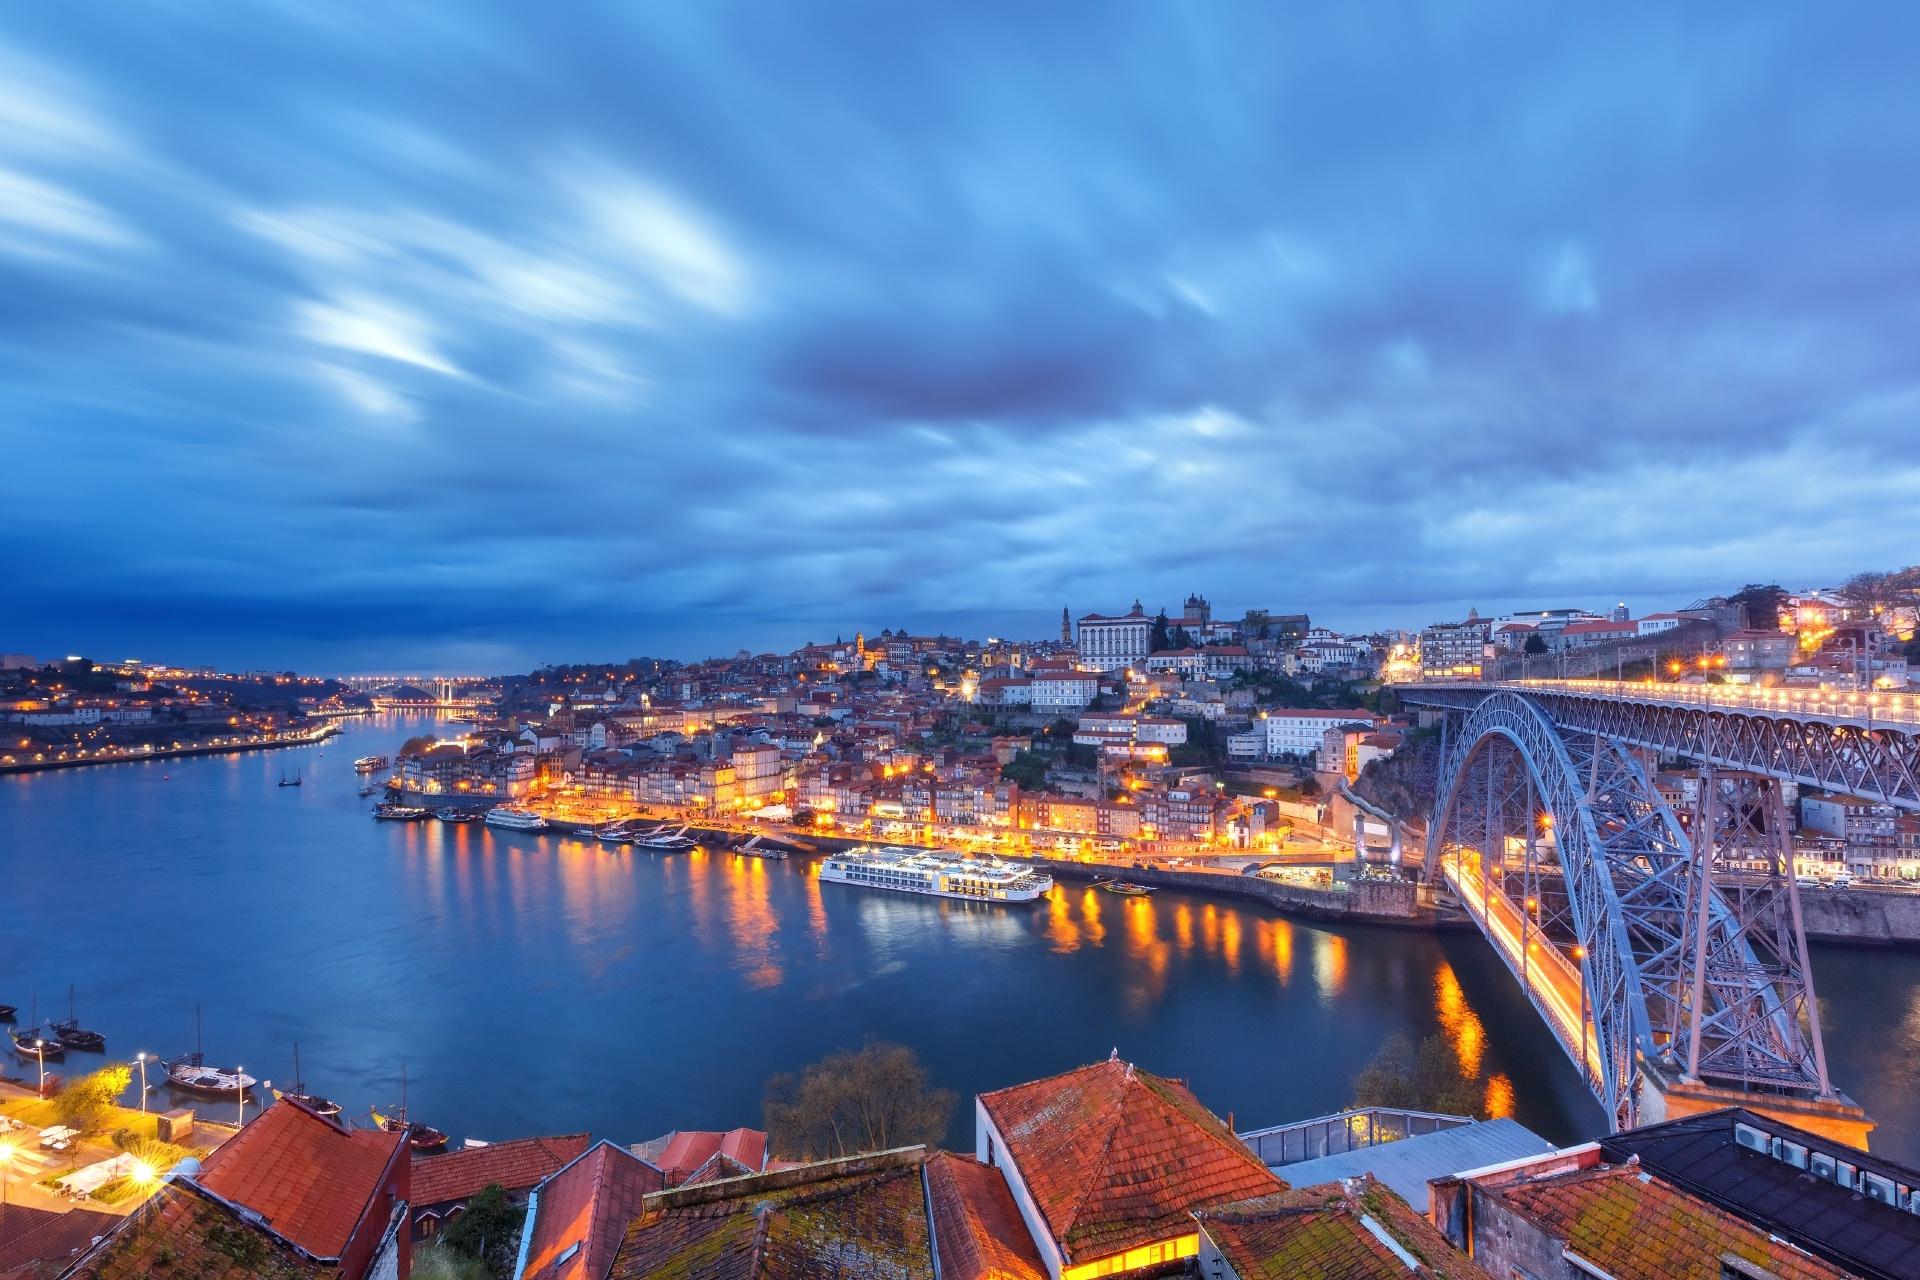 夕暮れのポルトの風景 ポルトガルの風景